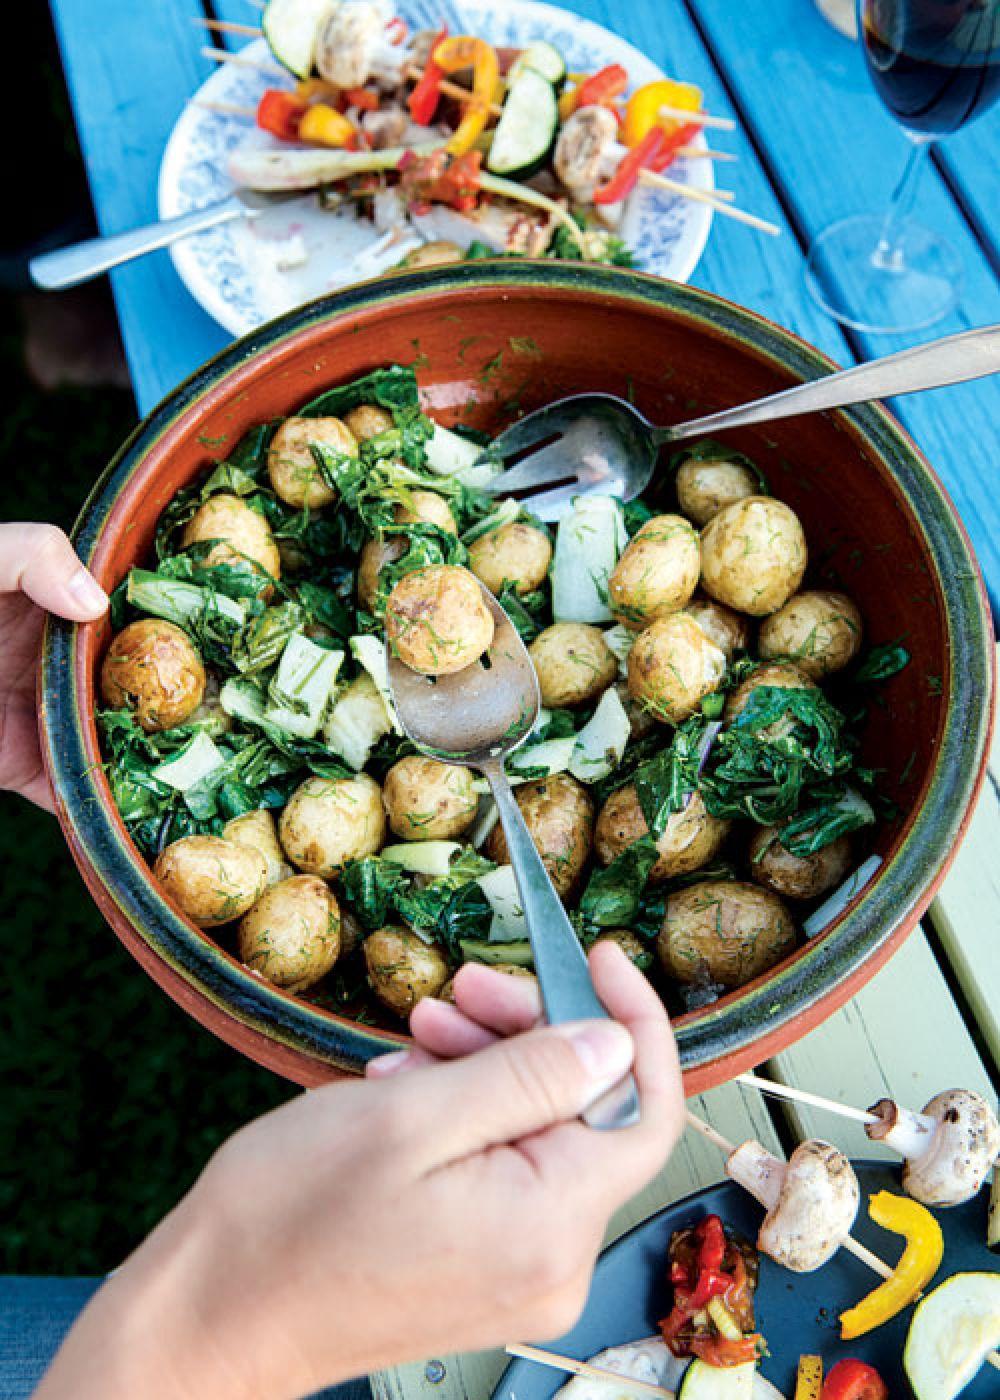 Kohlrabi Potato Salad orPOTATISSALLAD MED KÅLRABBI OCH DILL